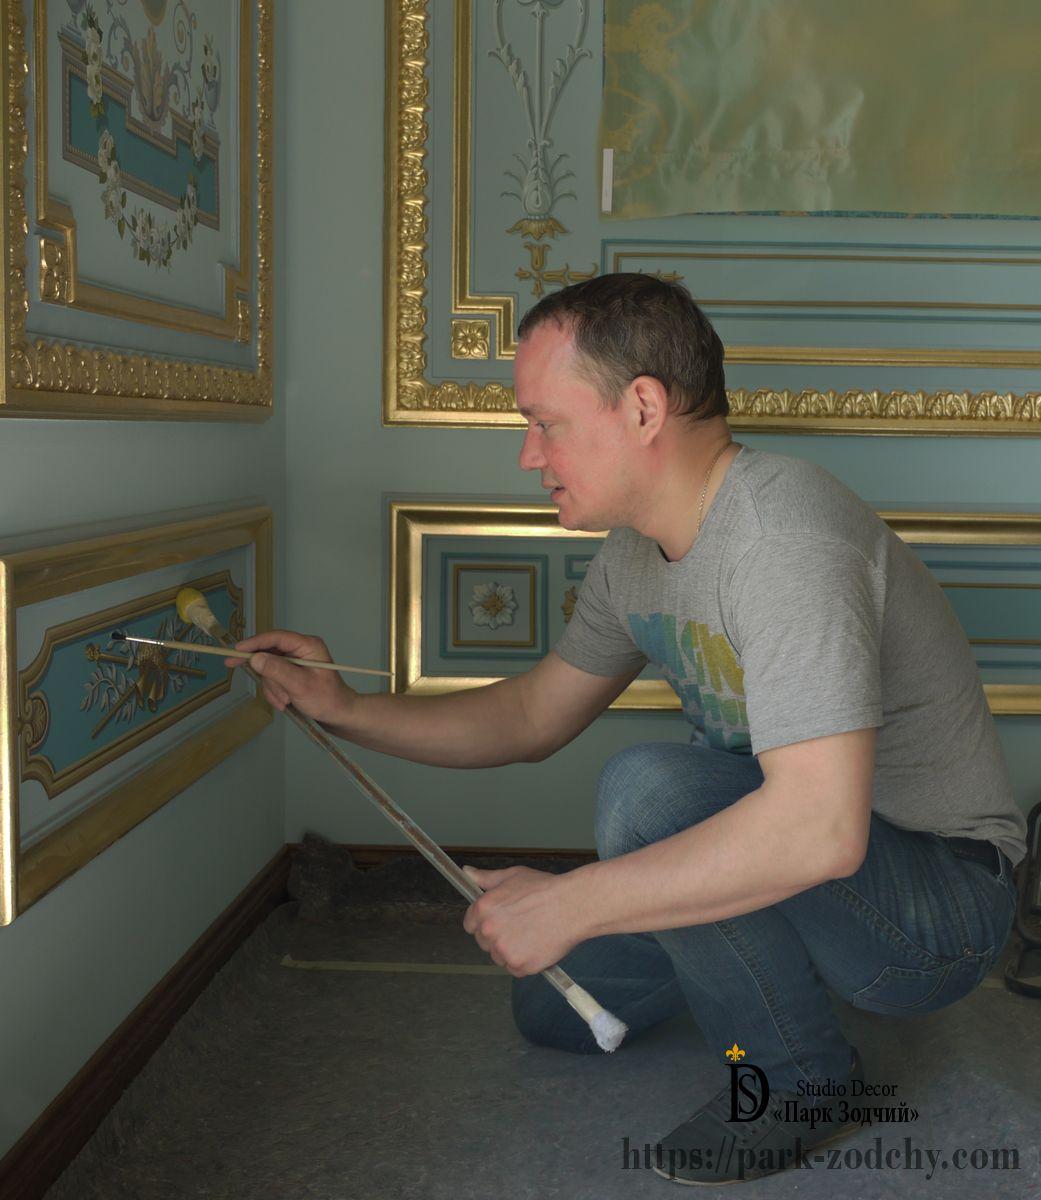 Роспись в квартире — сделайте пространство по-настоящему личным